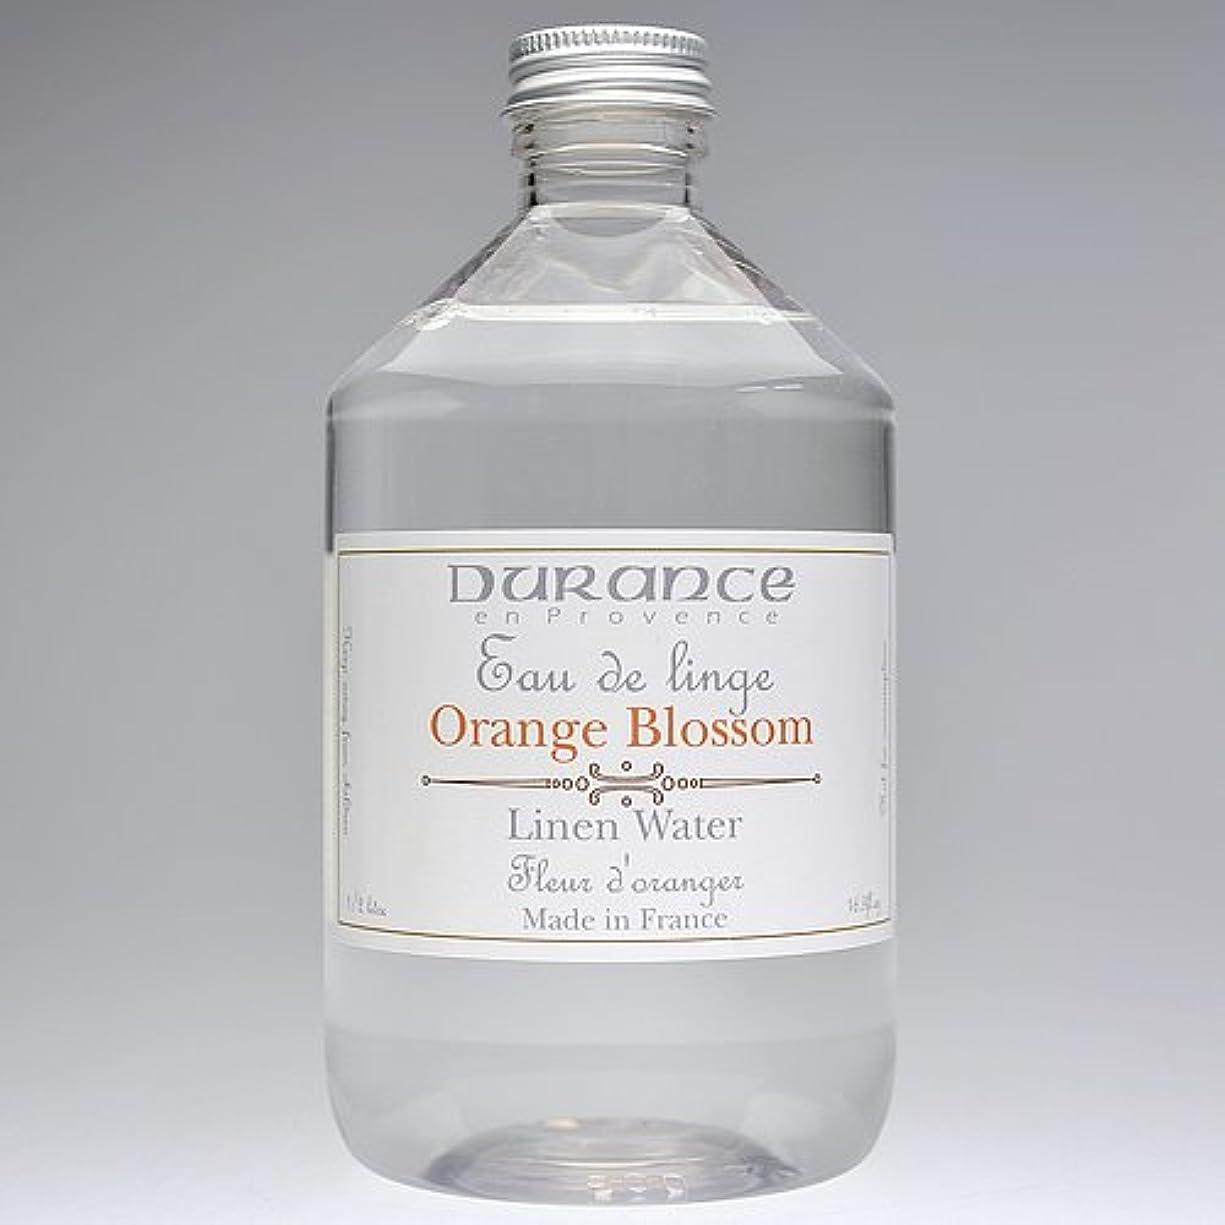 頑固な気を散らす食料品店DURANCE(デュランス) リネンケアシリーズ リネンウォーター 500ml 「フラワーオレンジ」 4994228008619